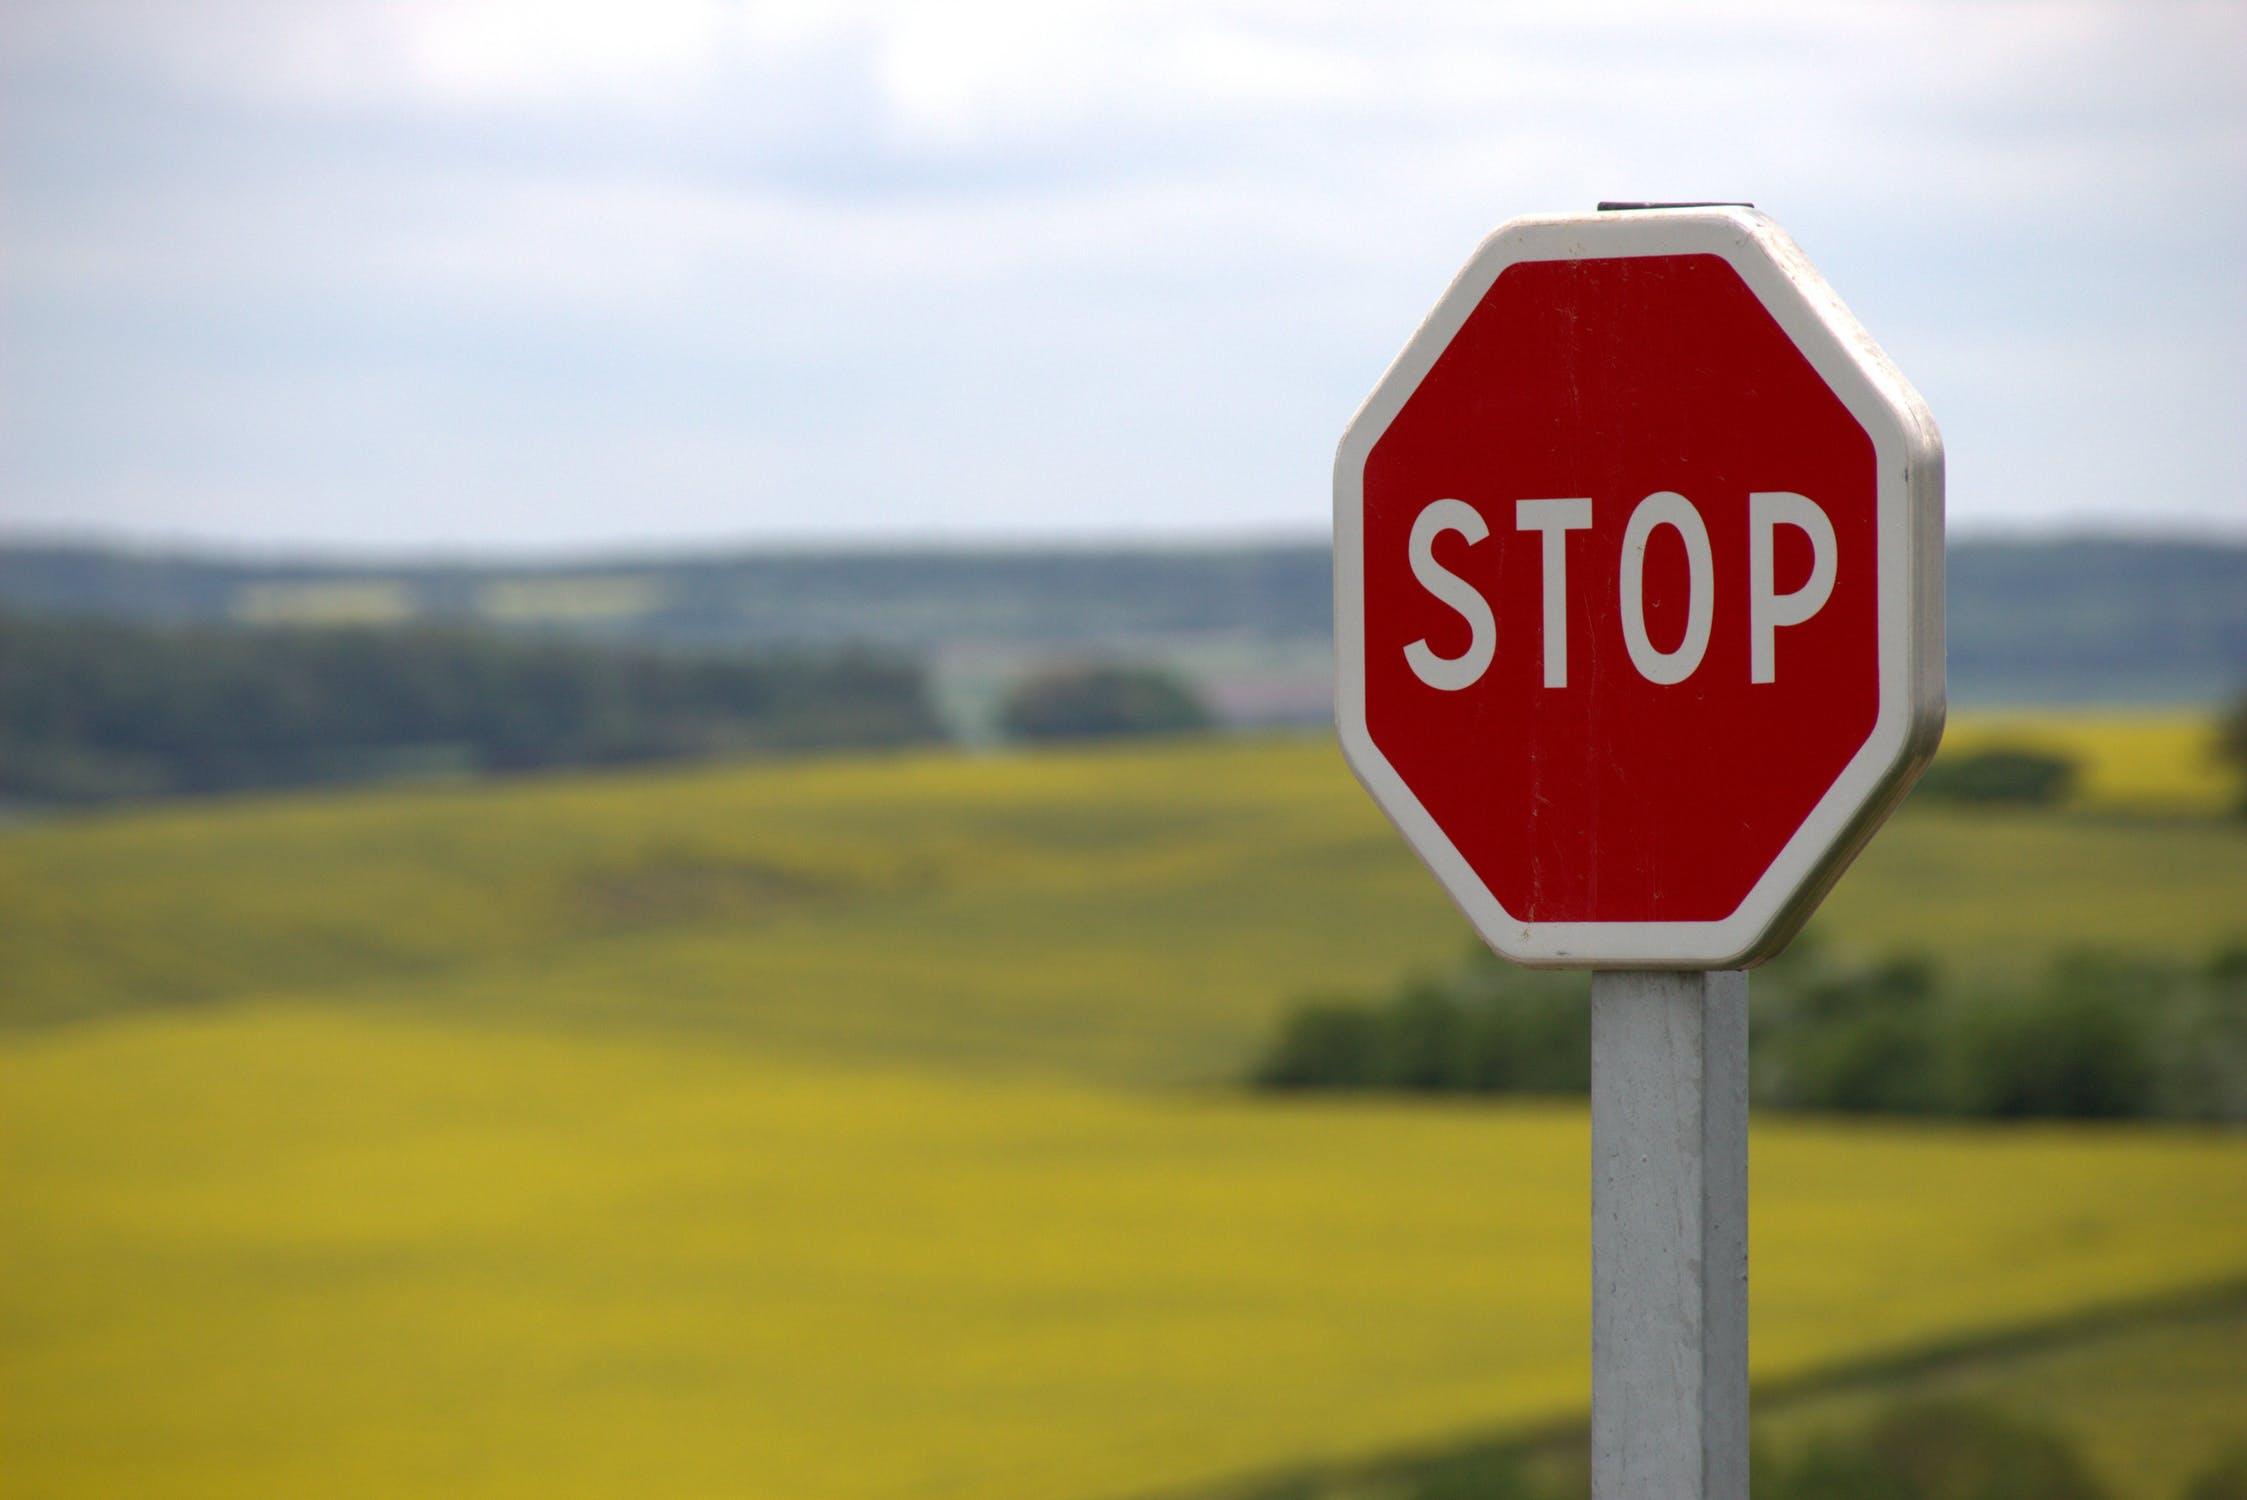 panneau-signalisation-non-conforme